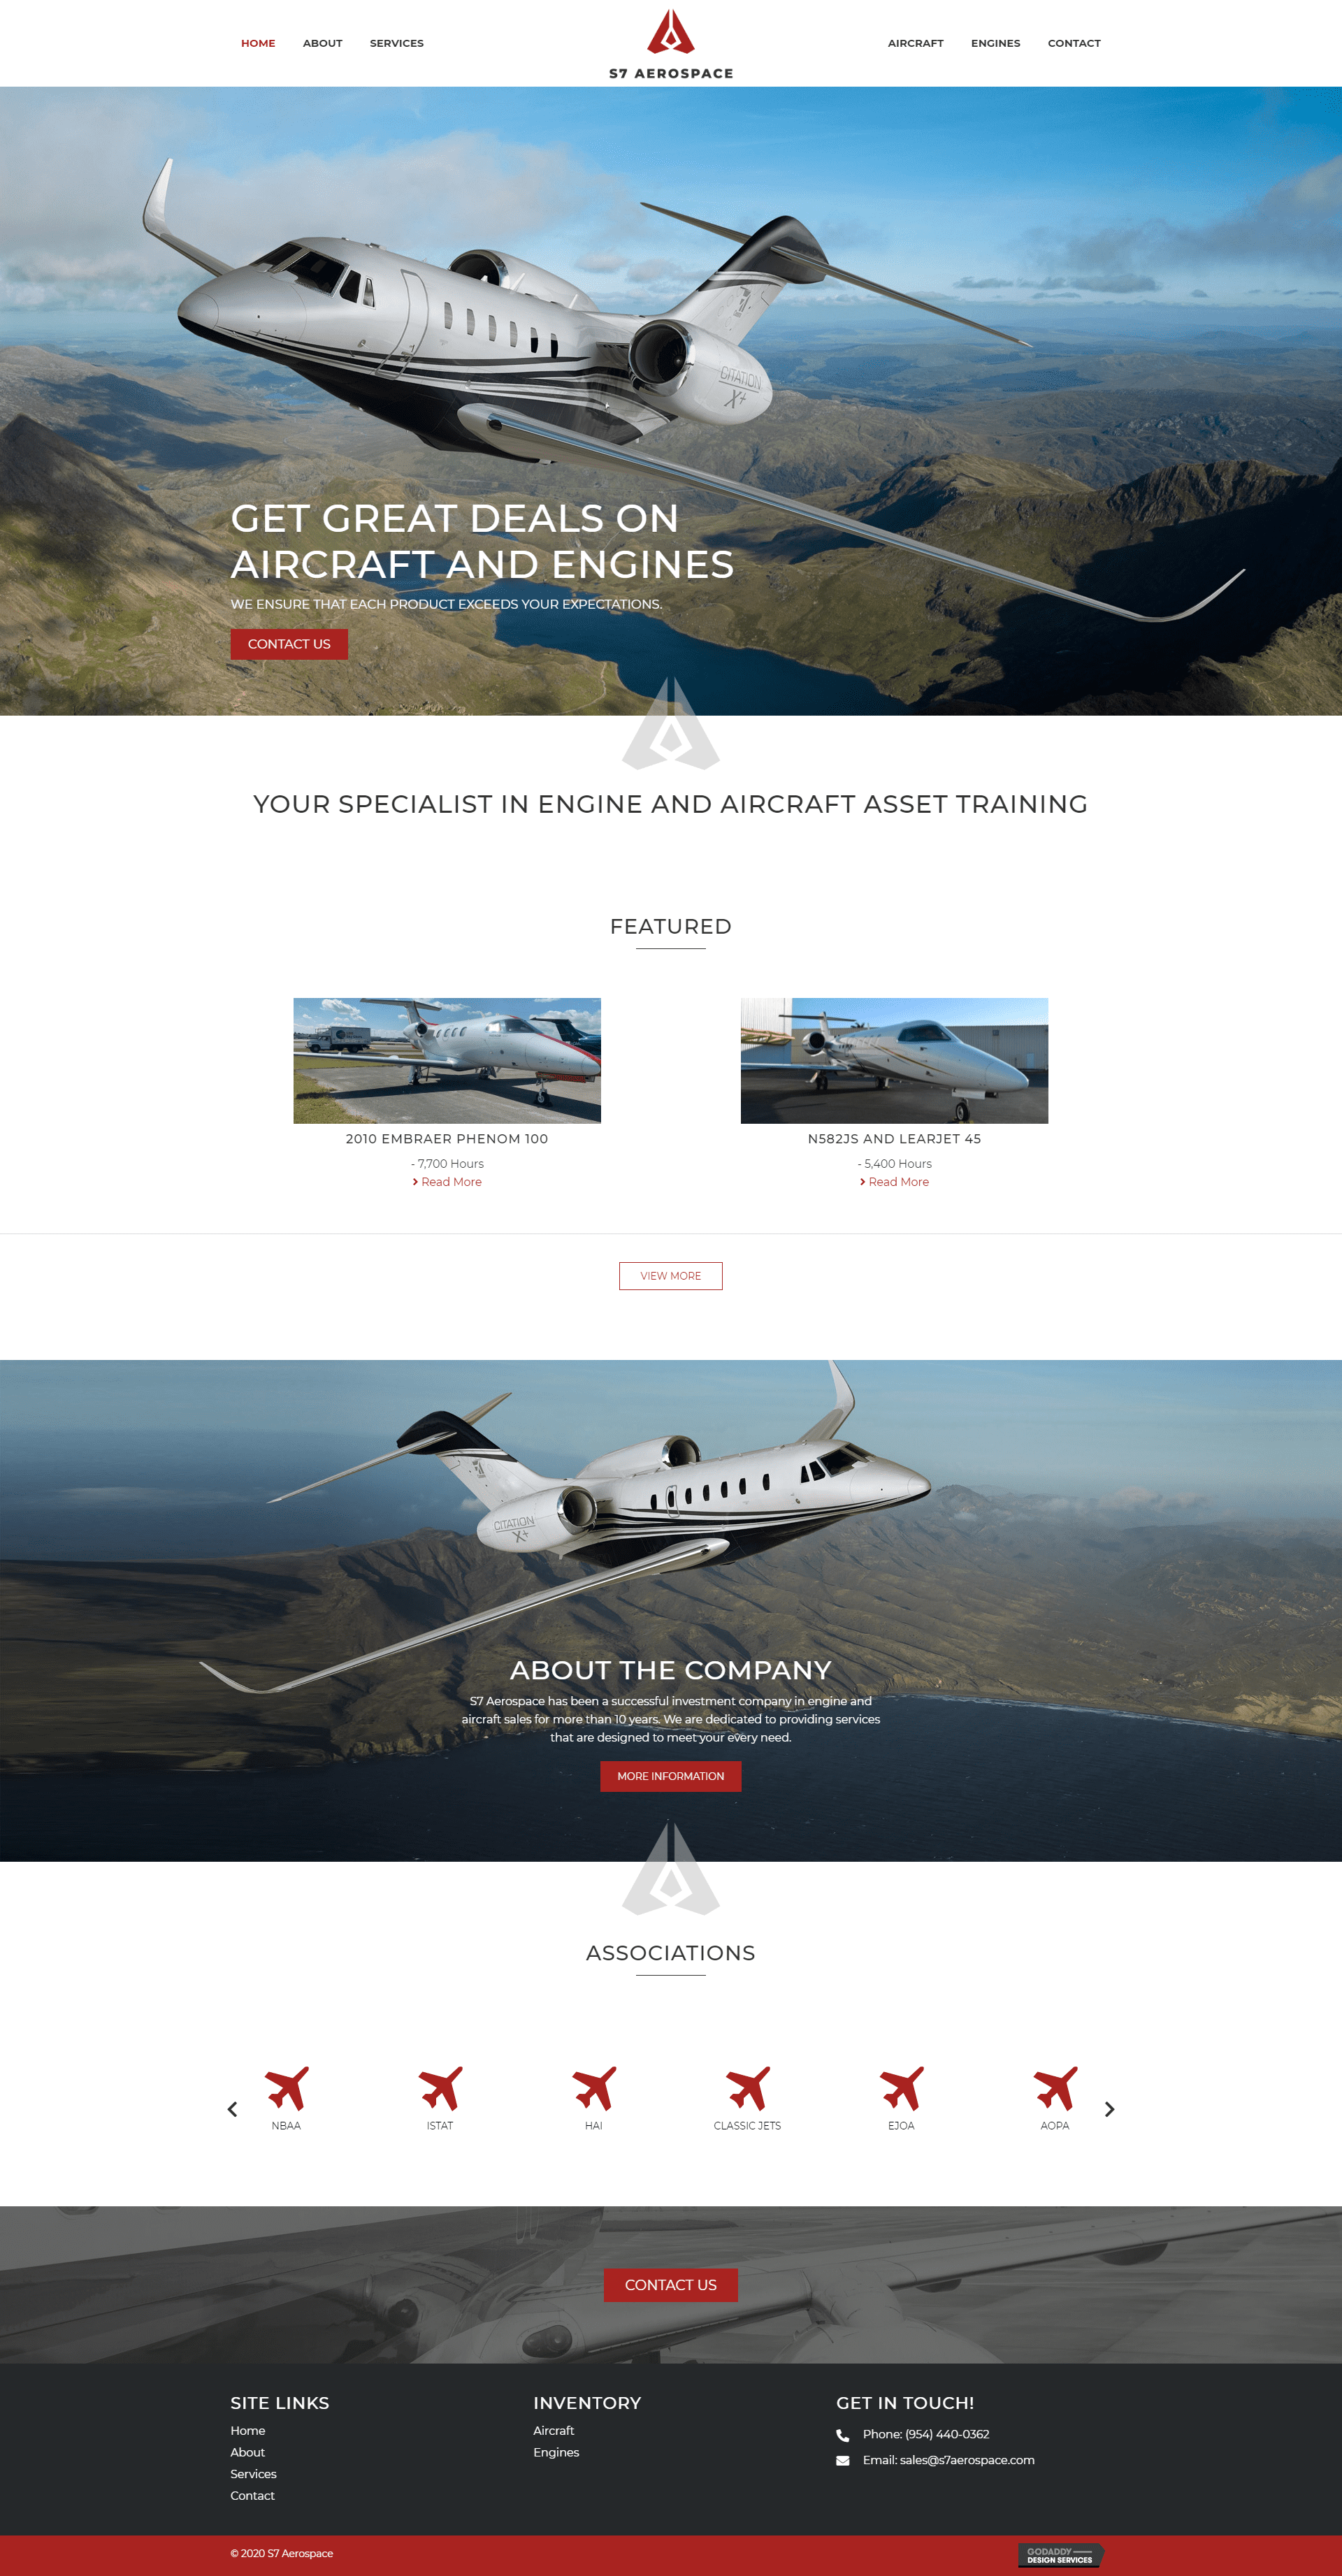 s7 aerospace - desktop